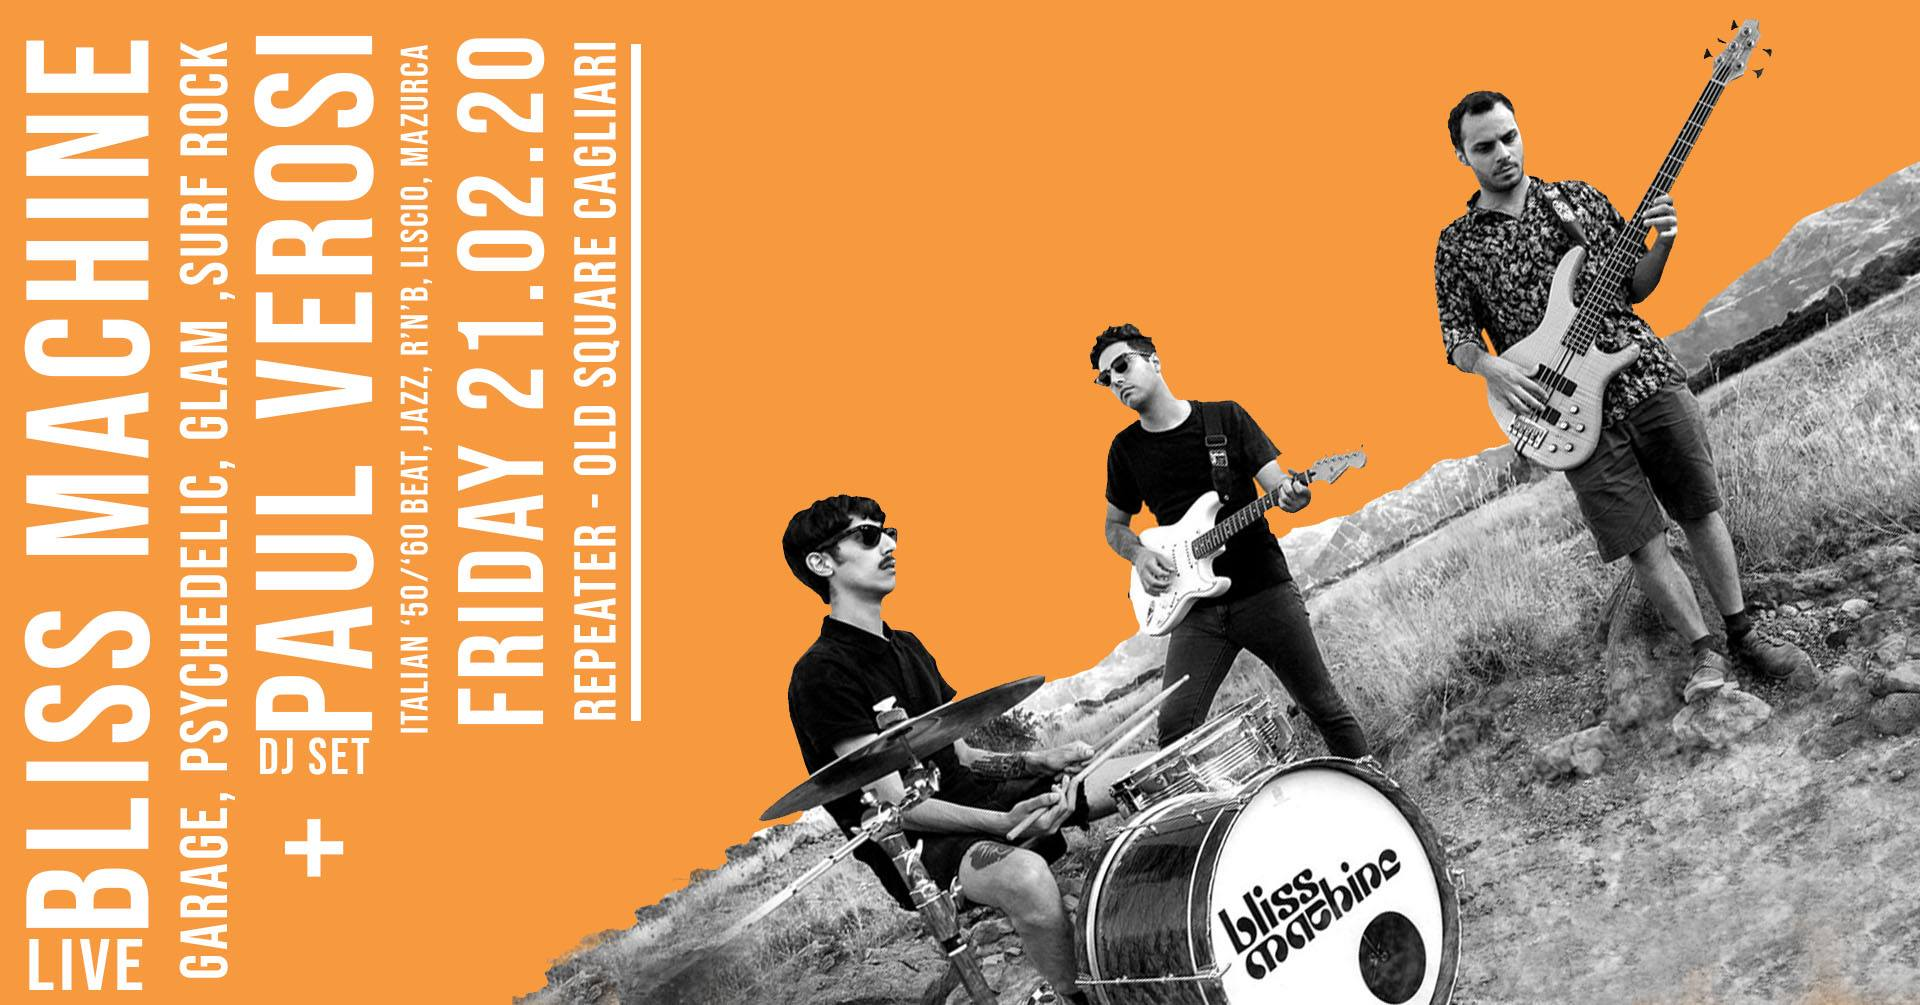 Repeater - Bliss Machine - Old Square - Cagliari - 21 febbraio 2020 - eventi - 2020 - Sa Scena Sarda